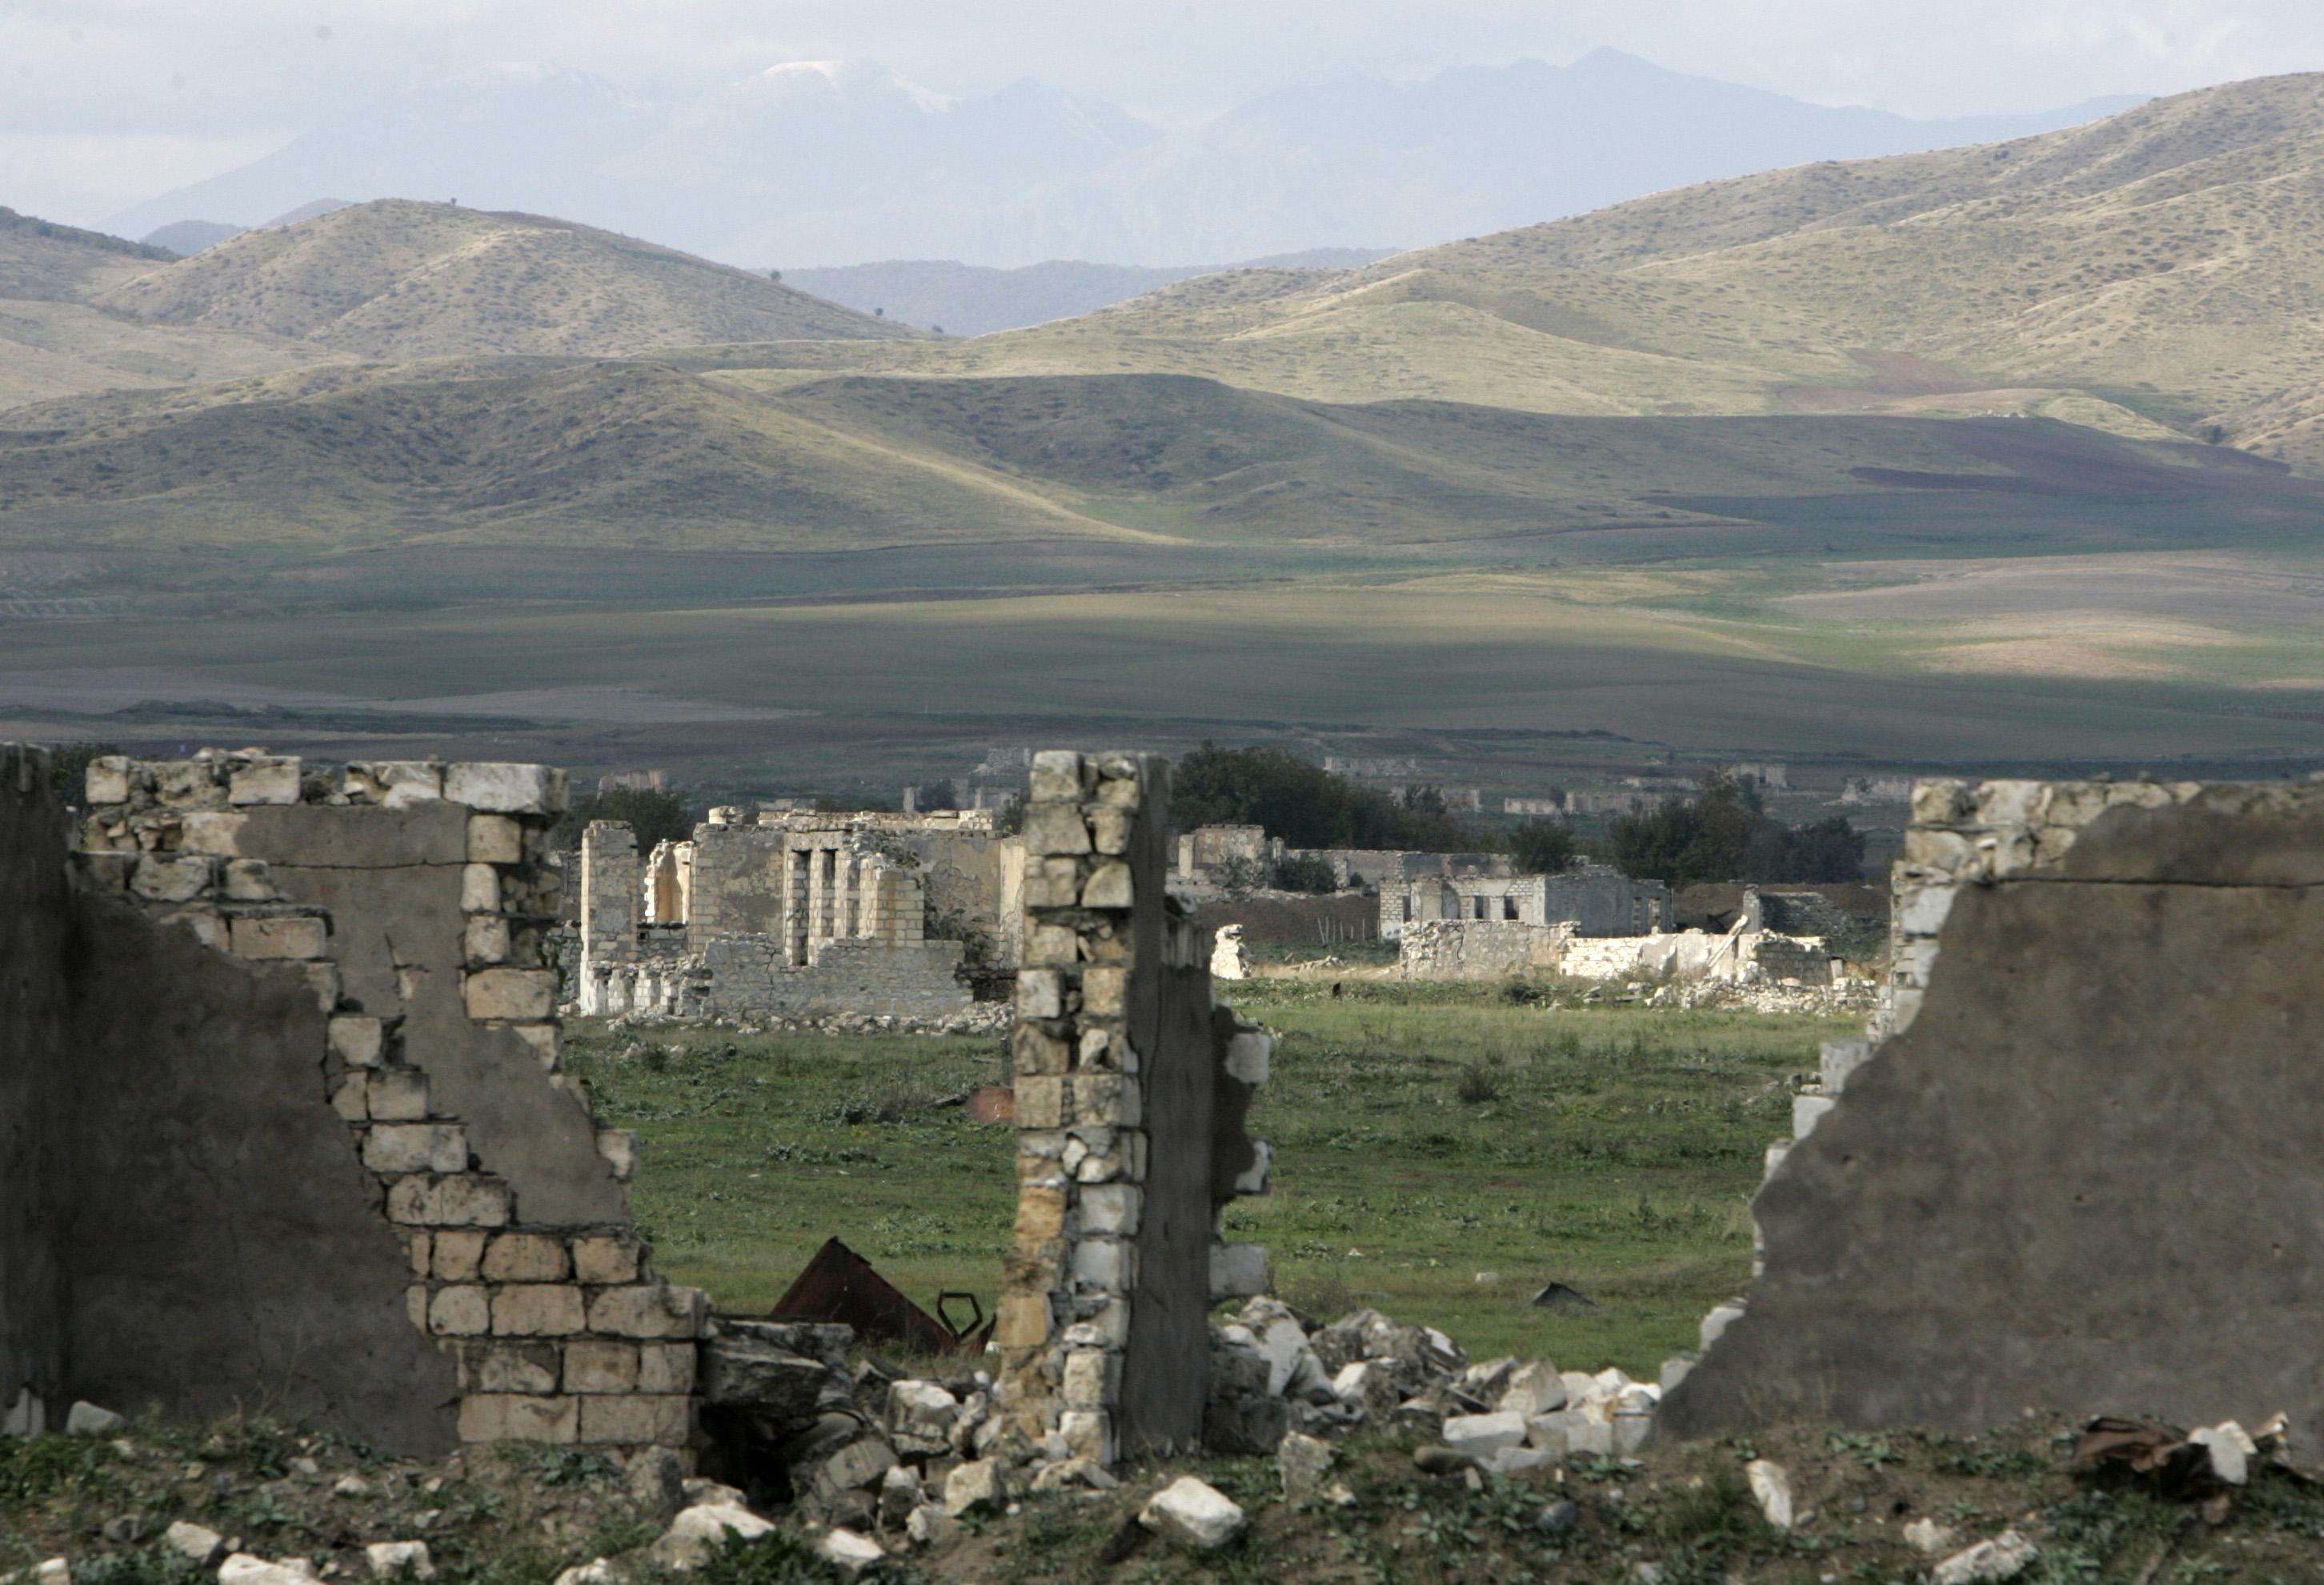 Thumbnail for Náhorní Karabach schválil novou ústavu i název Arcach